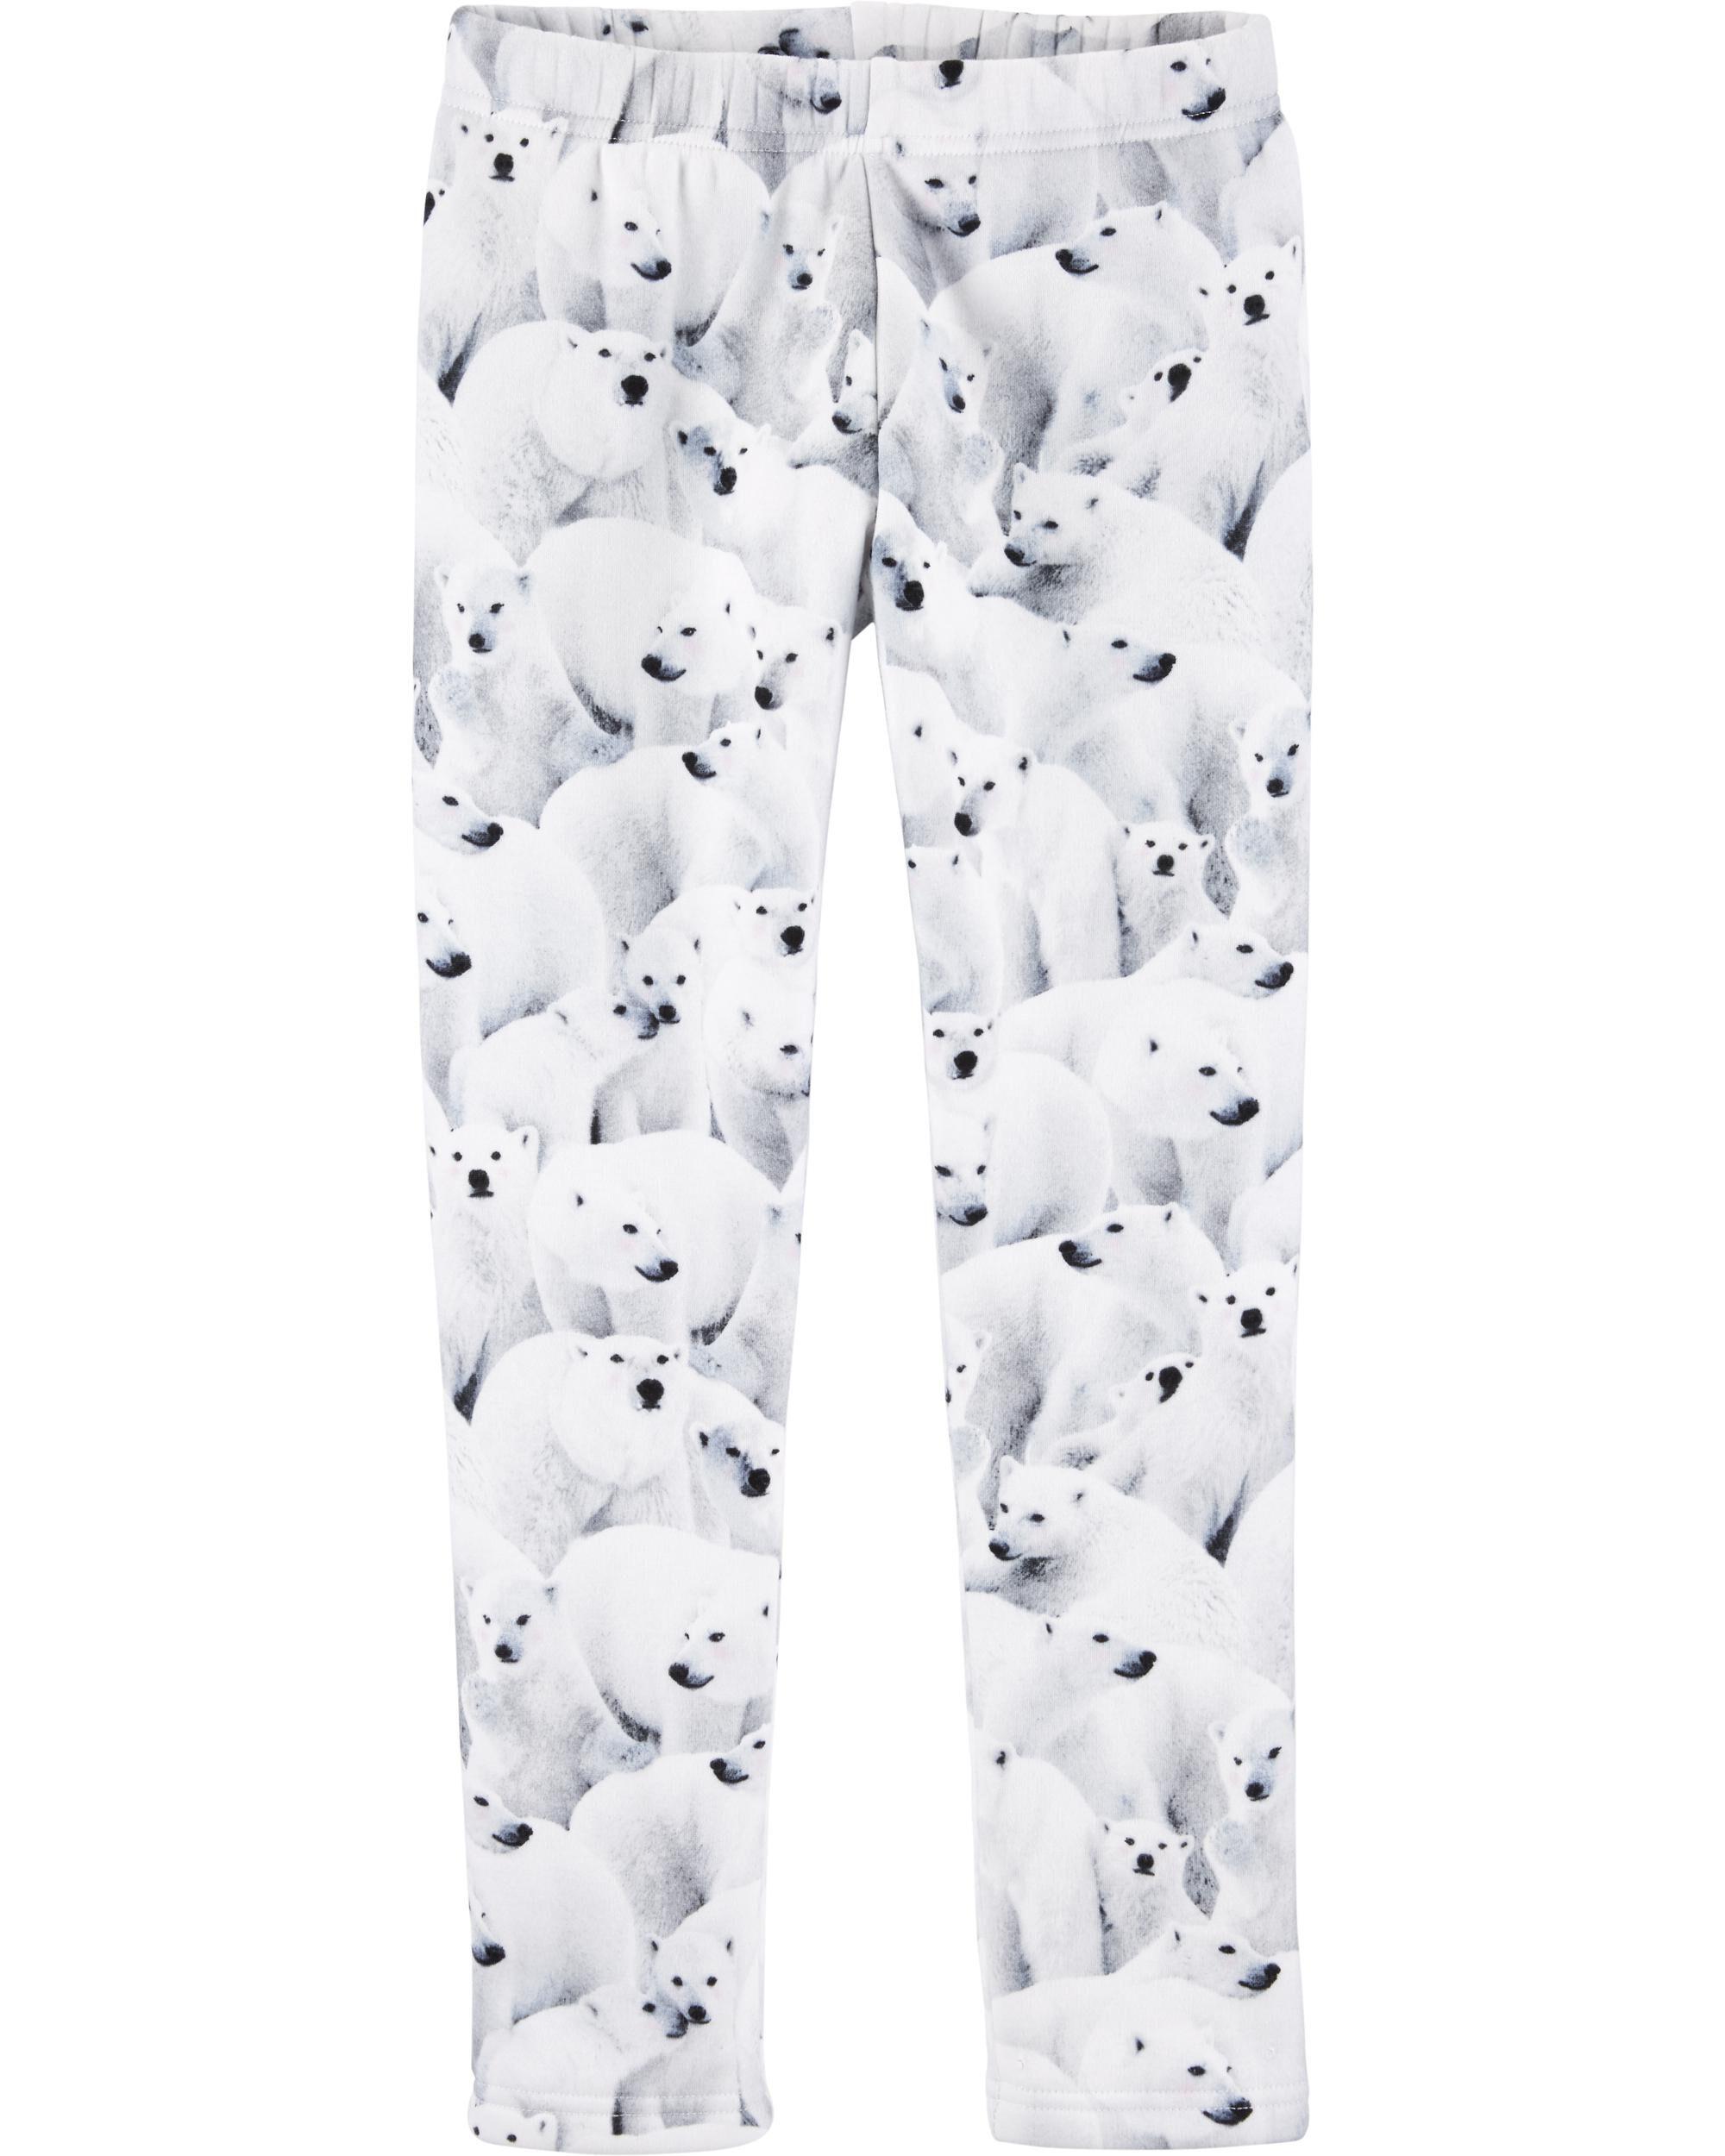 *CLEARANCE* Polar Bear Leggings